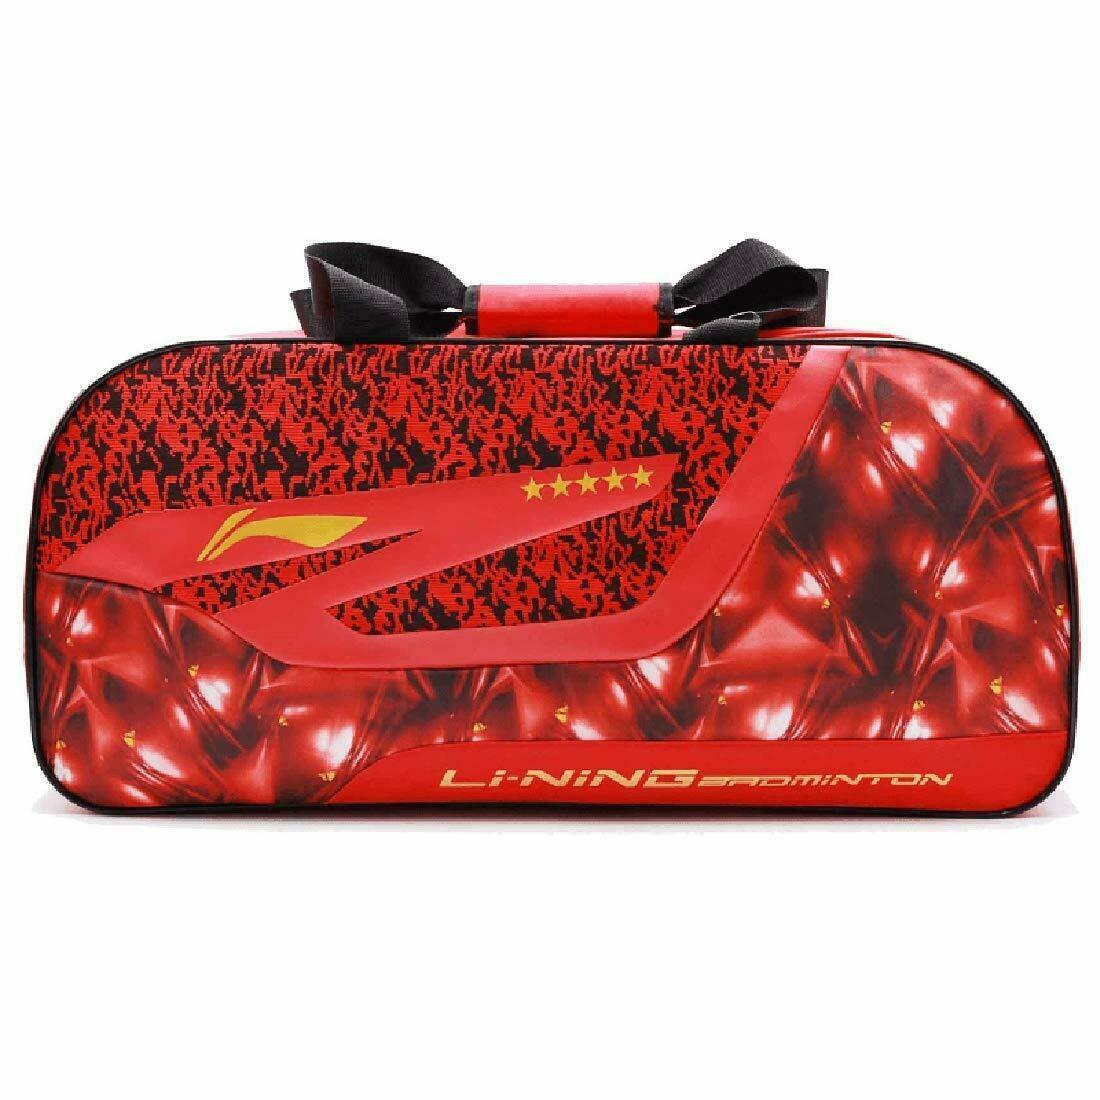 LI-NING ABDN176-2 9 in 1 Kit Bag-Red